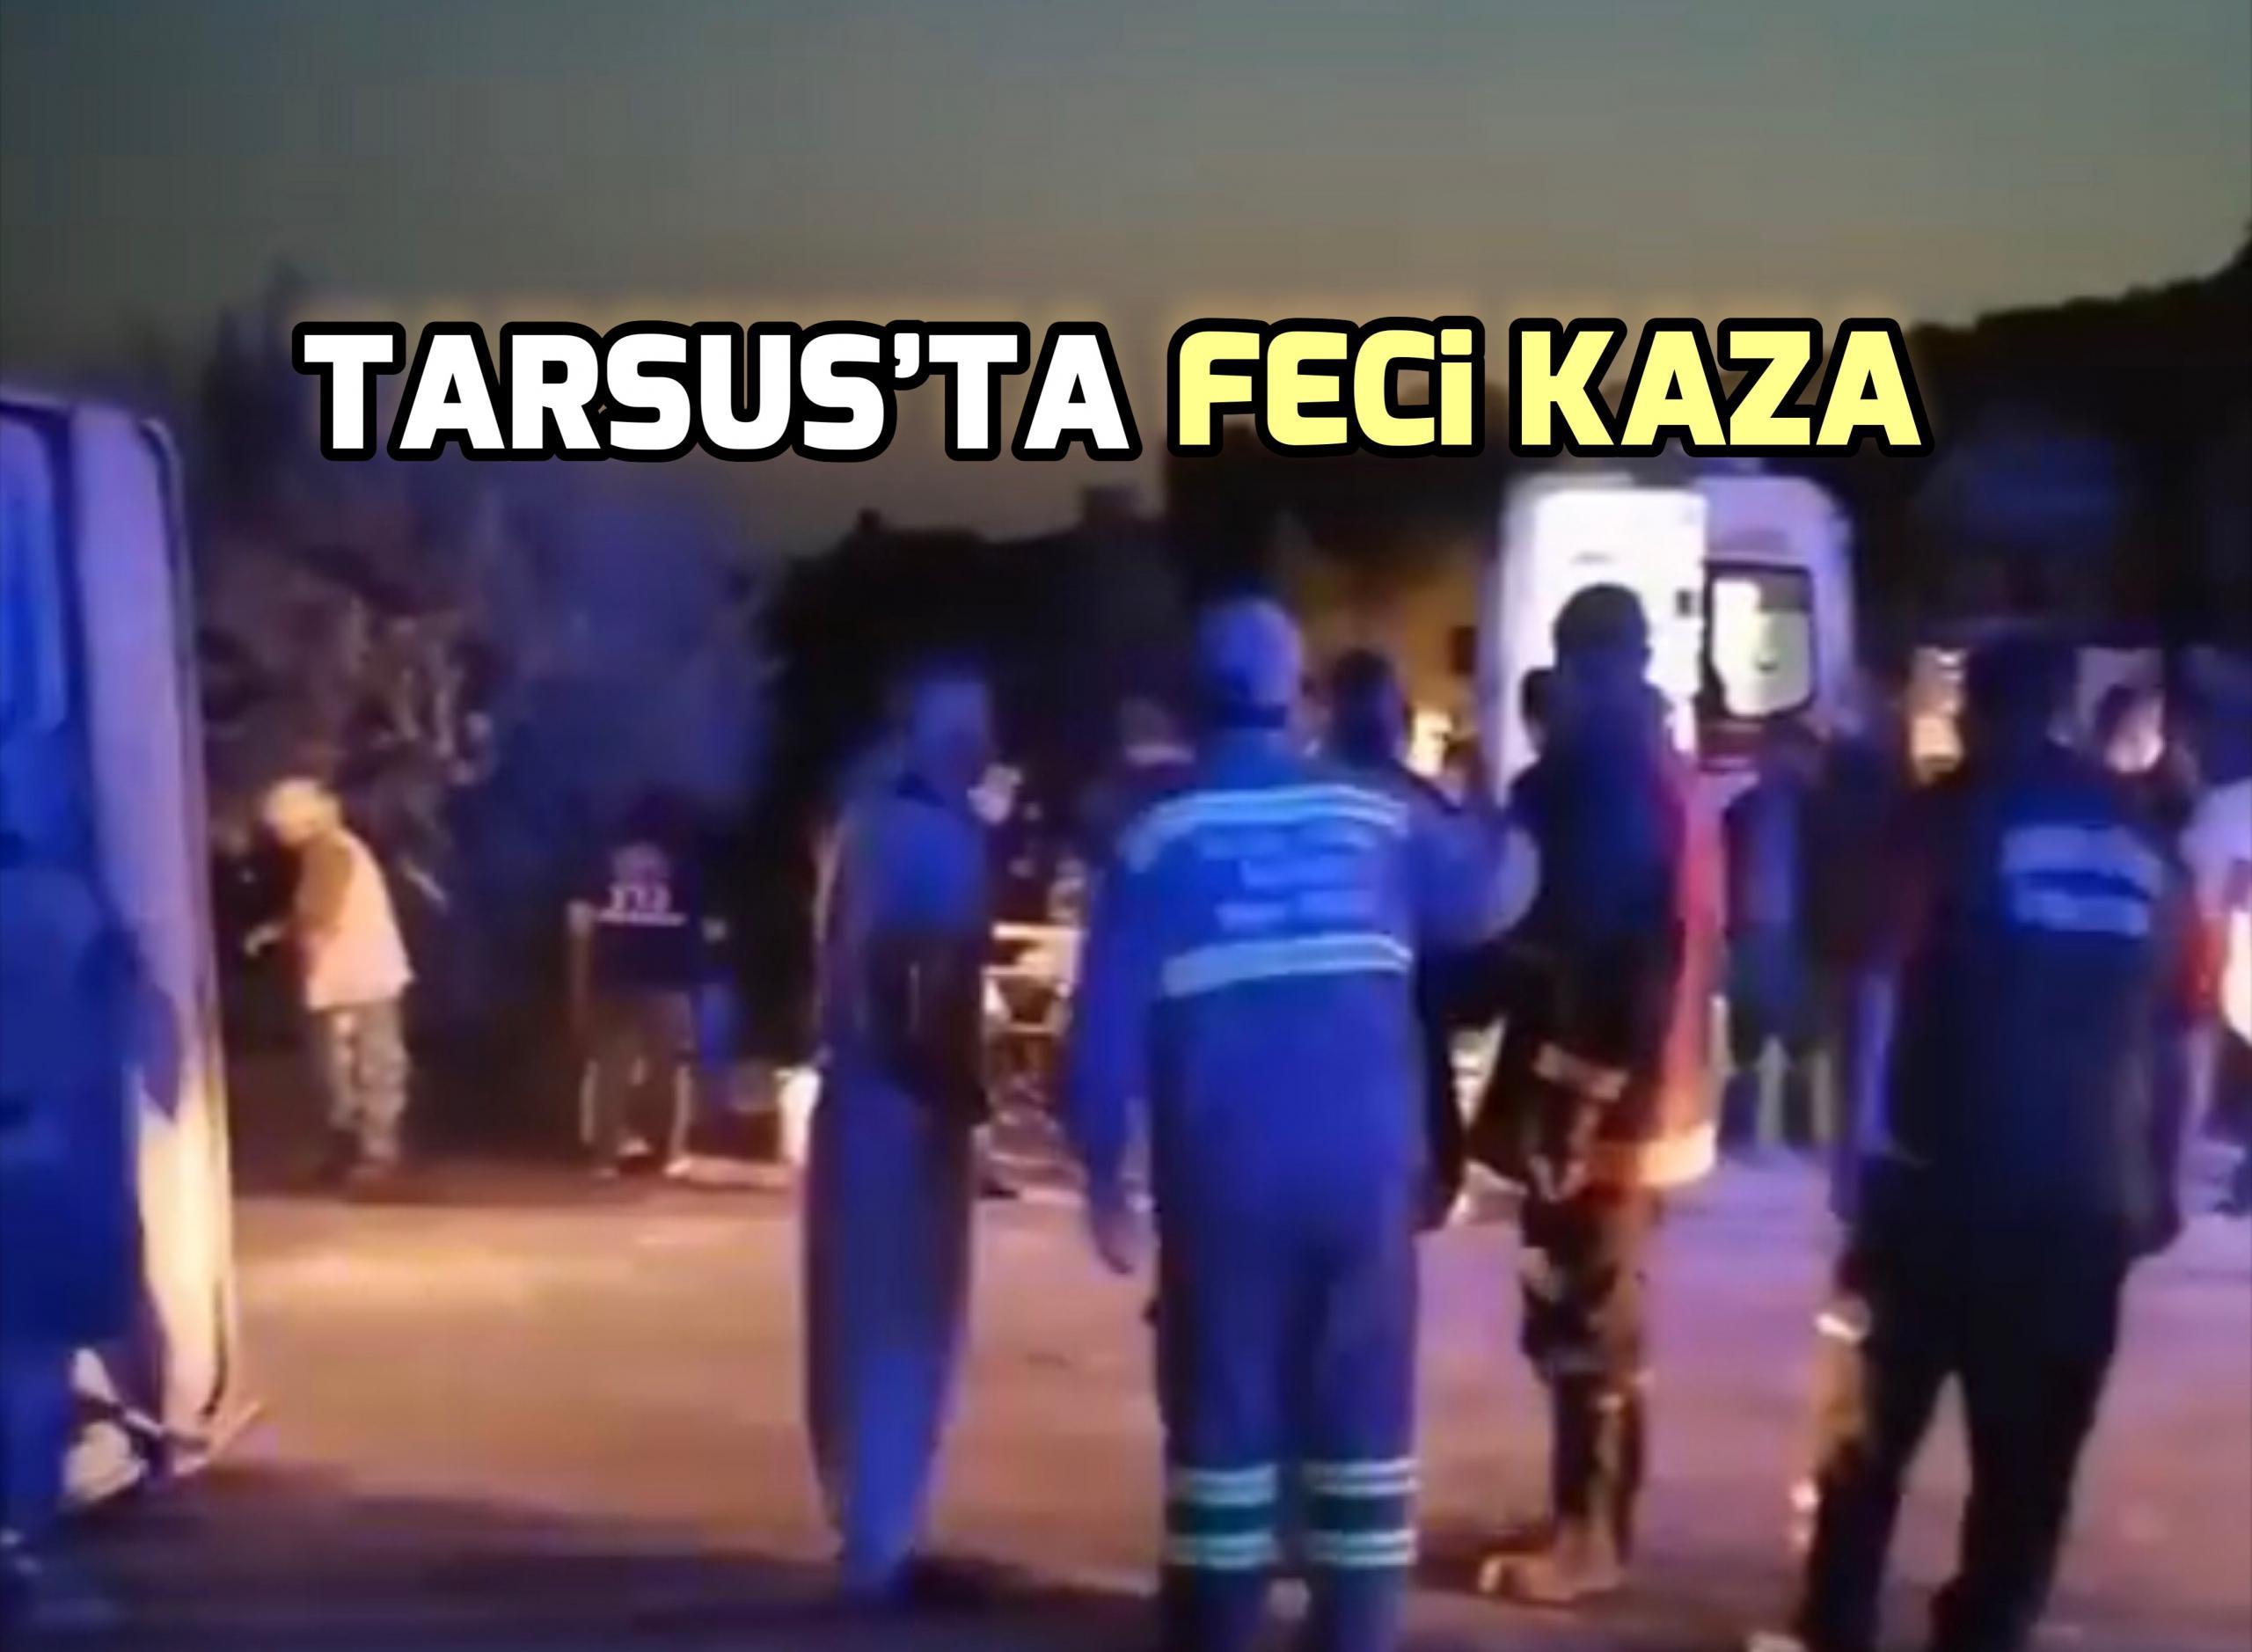 Tarsus'ta meydana gelen kazada ölü ve yaralılar var